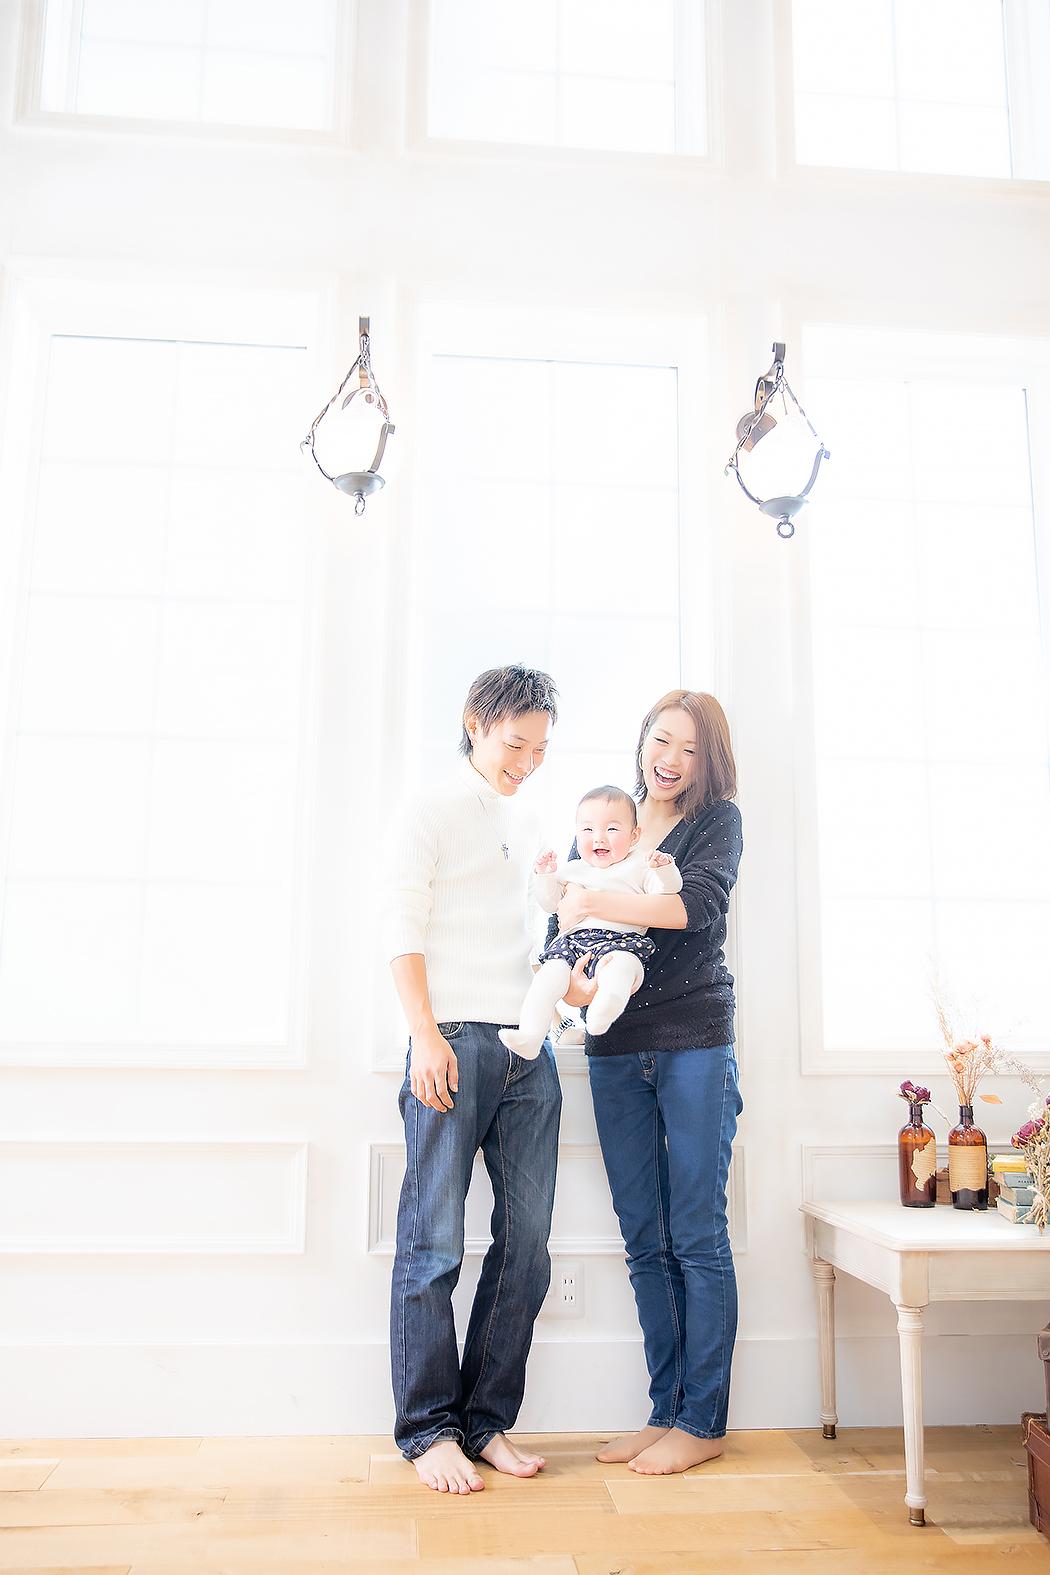 ハーフバースデー、家族写真